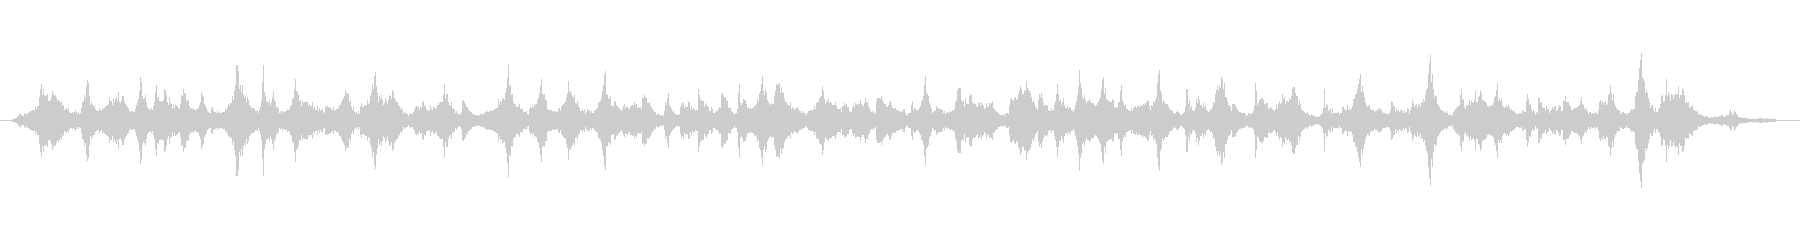 サスペンスaの未再生の波形